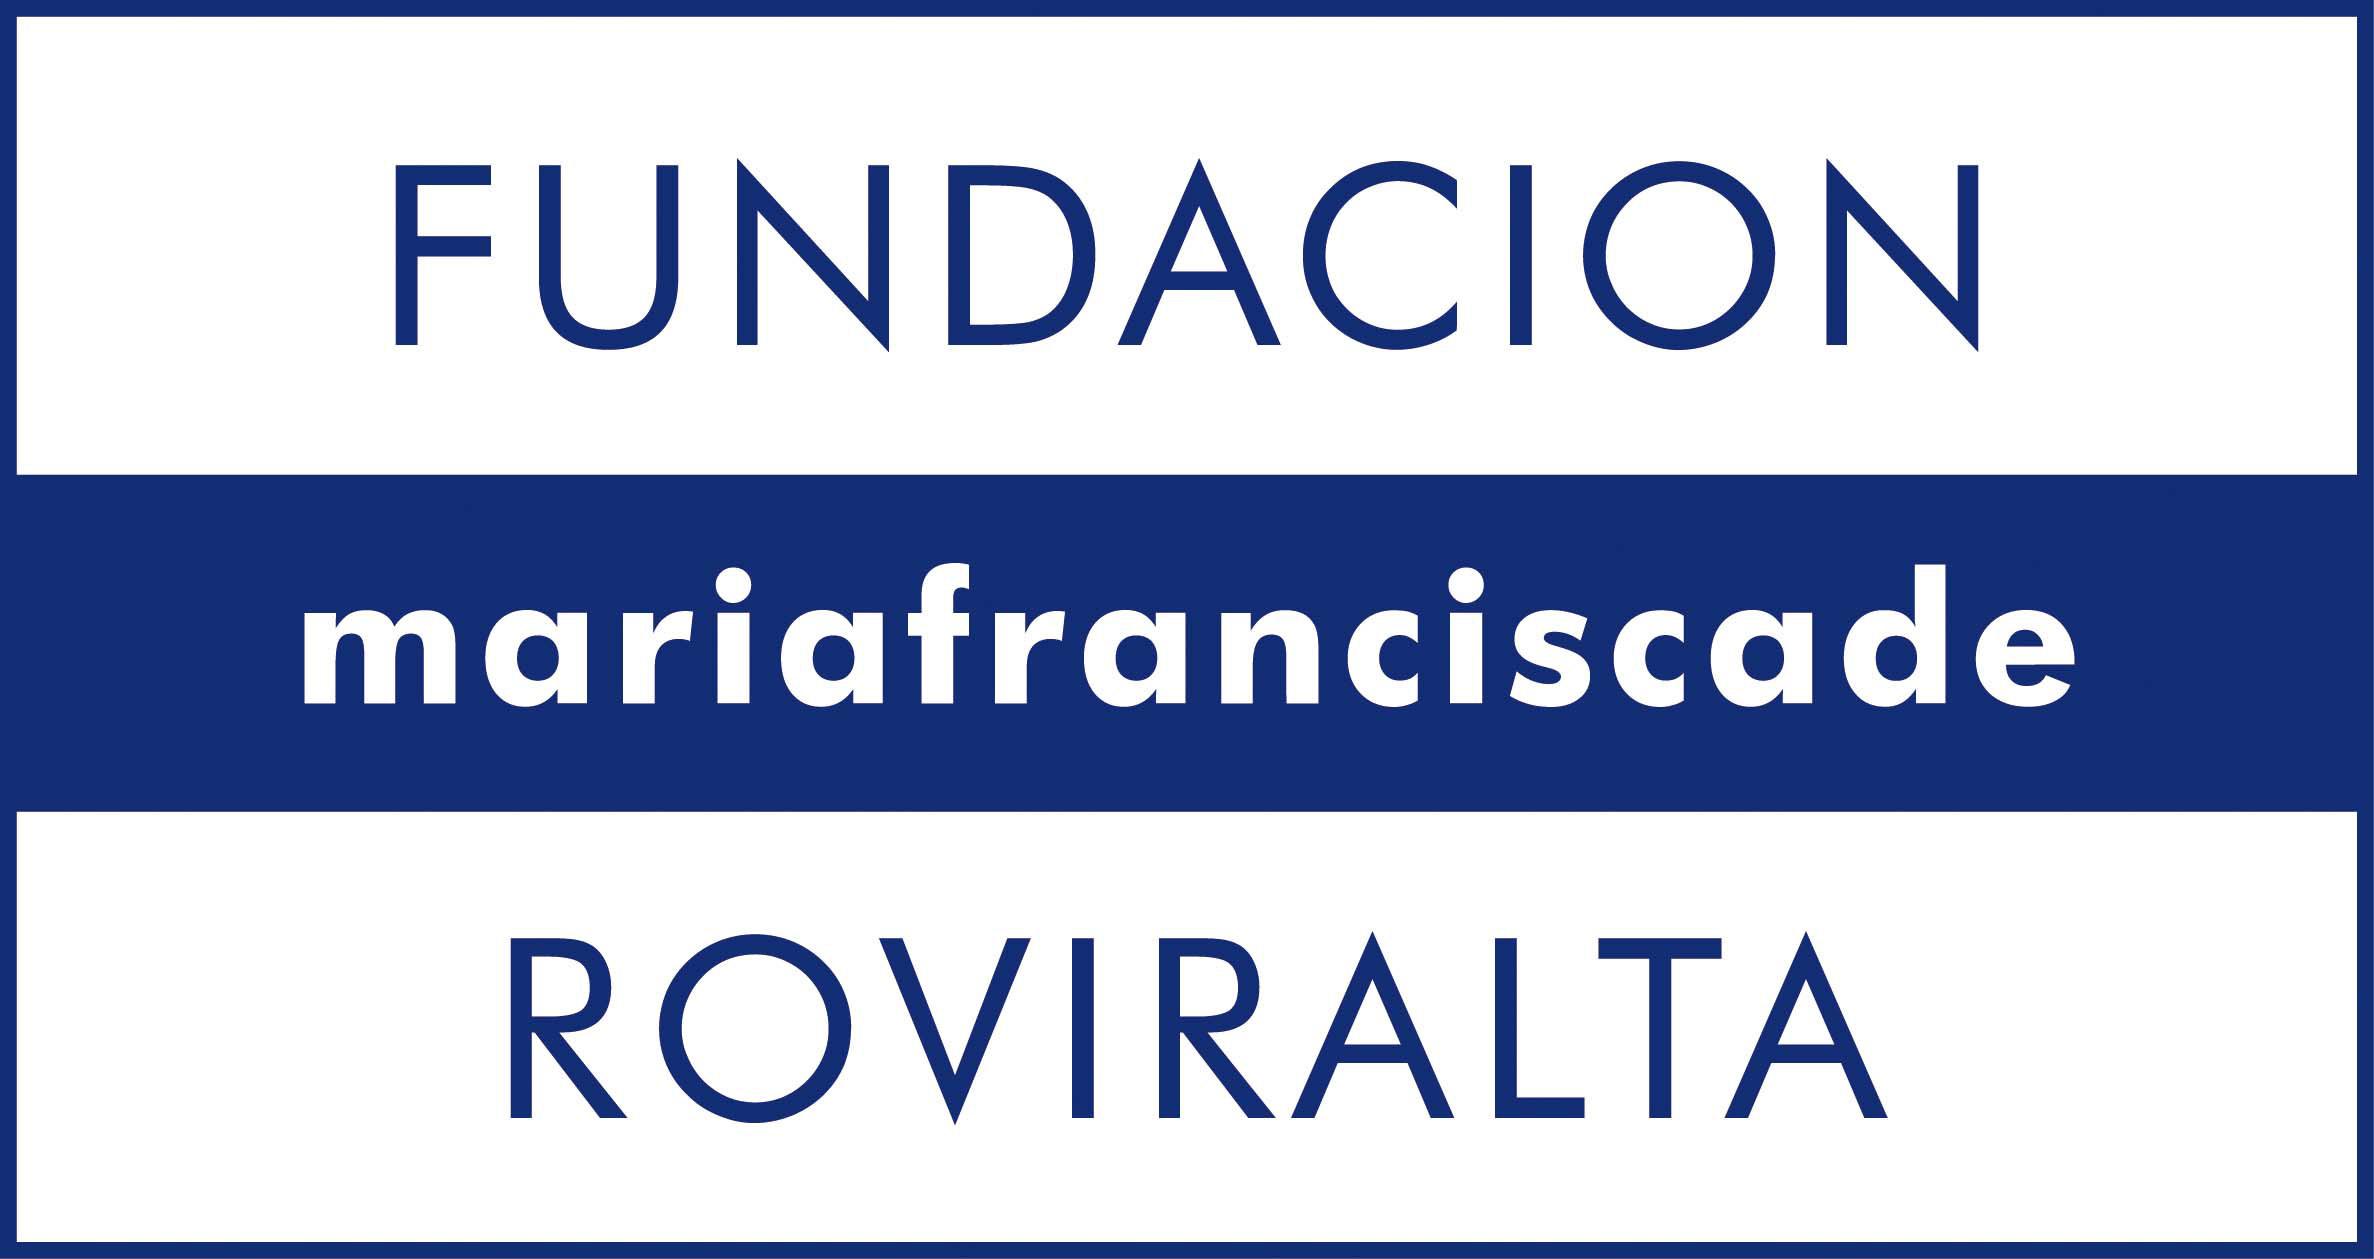 Fundación Roviralta logo